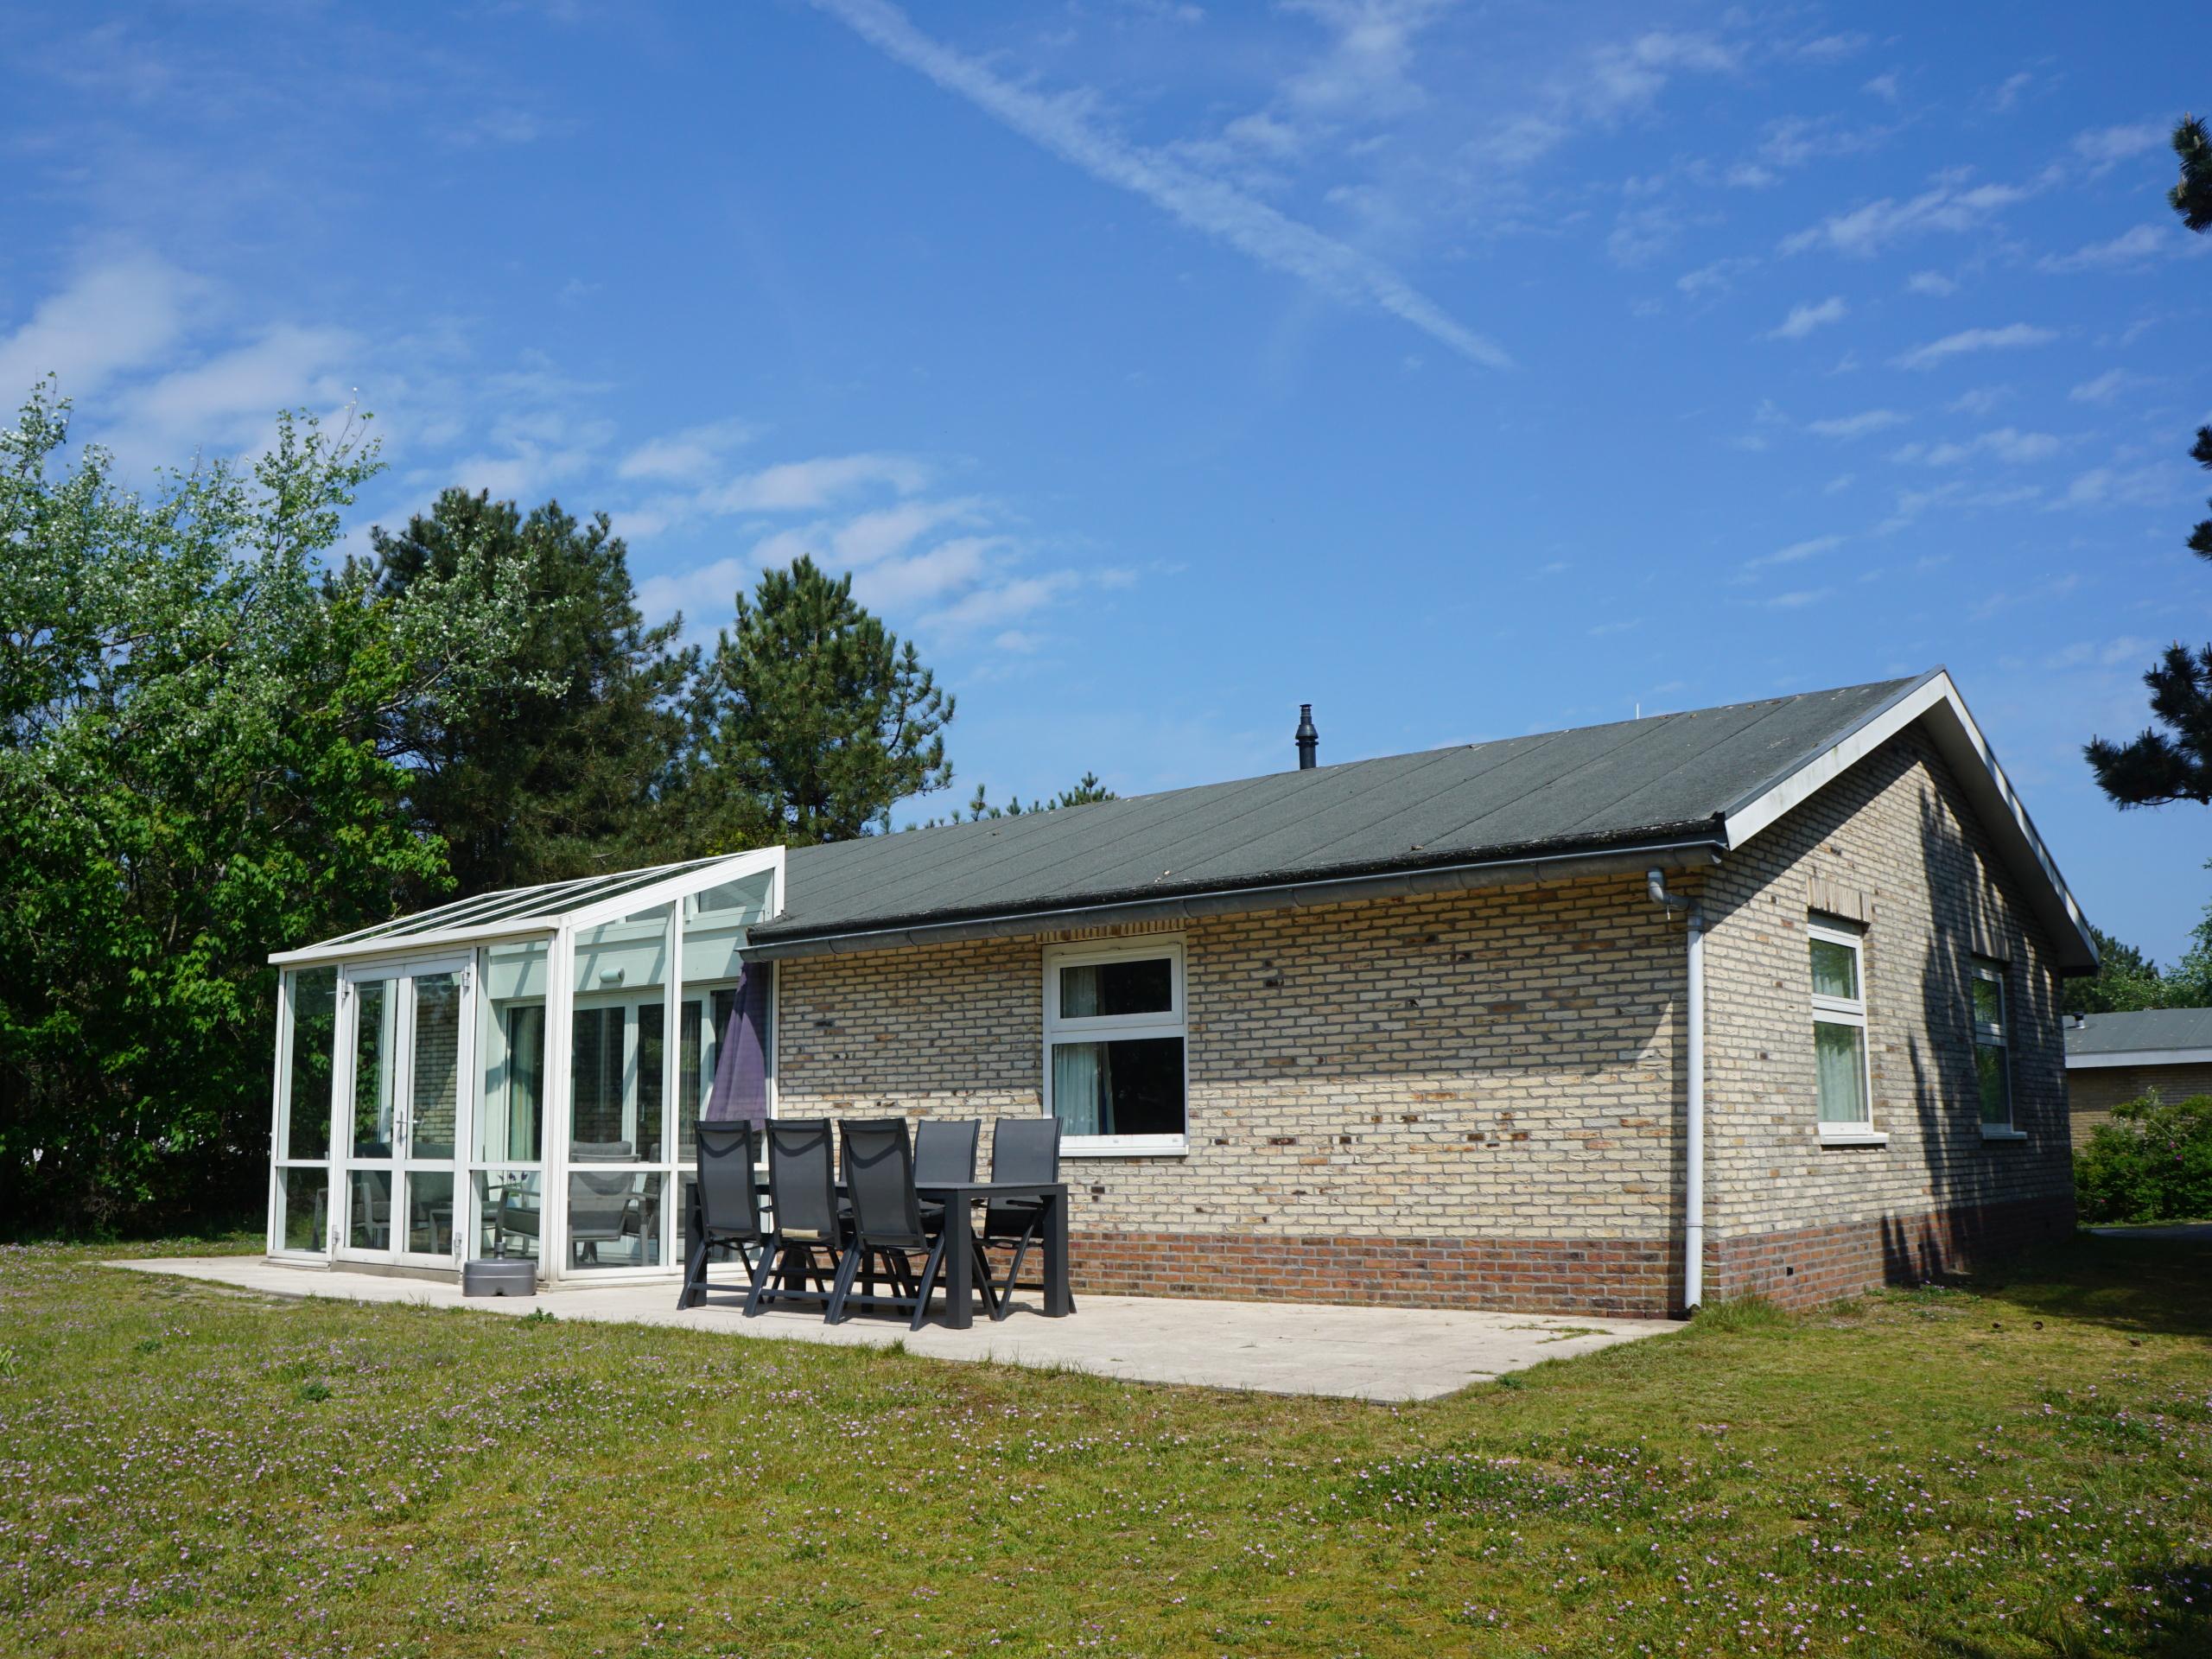 Luxe bungalow met serre en grote tuin op het zuiden, 10 minuten lopen van Buren en het strand